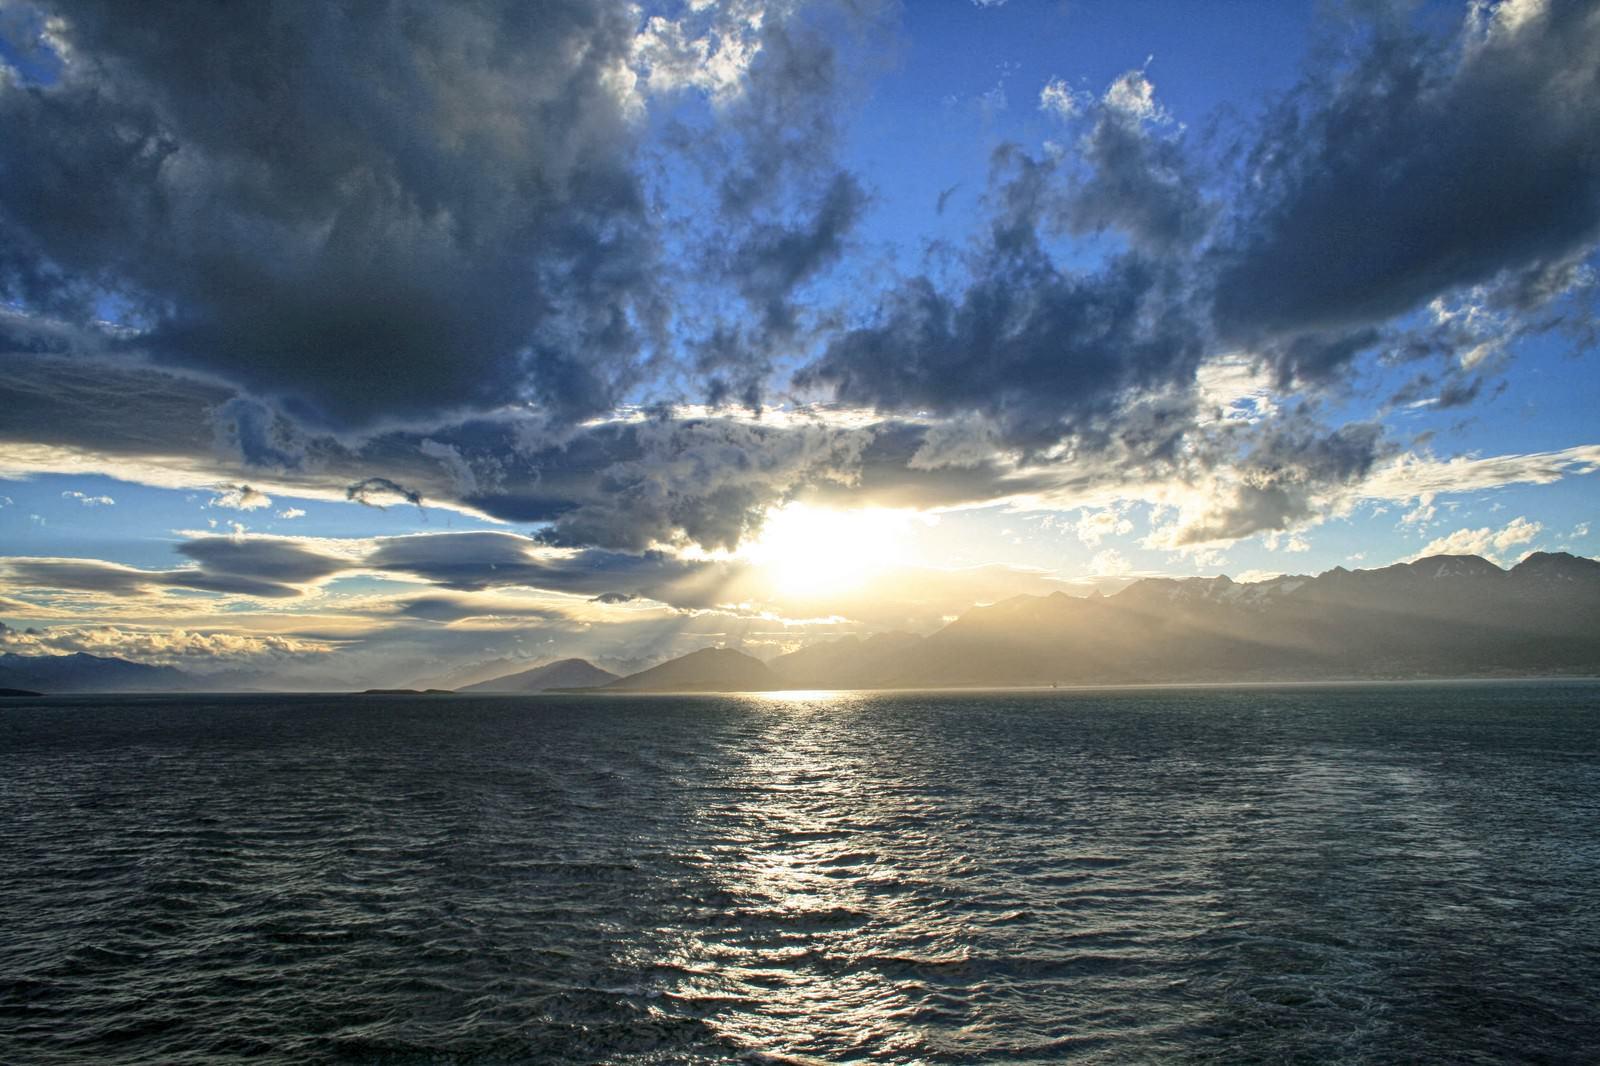 雲と海と朝日が素敵な朝日壁紙